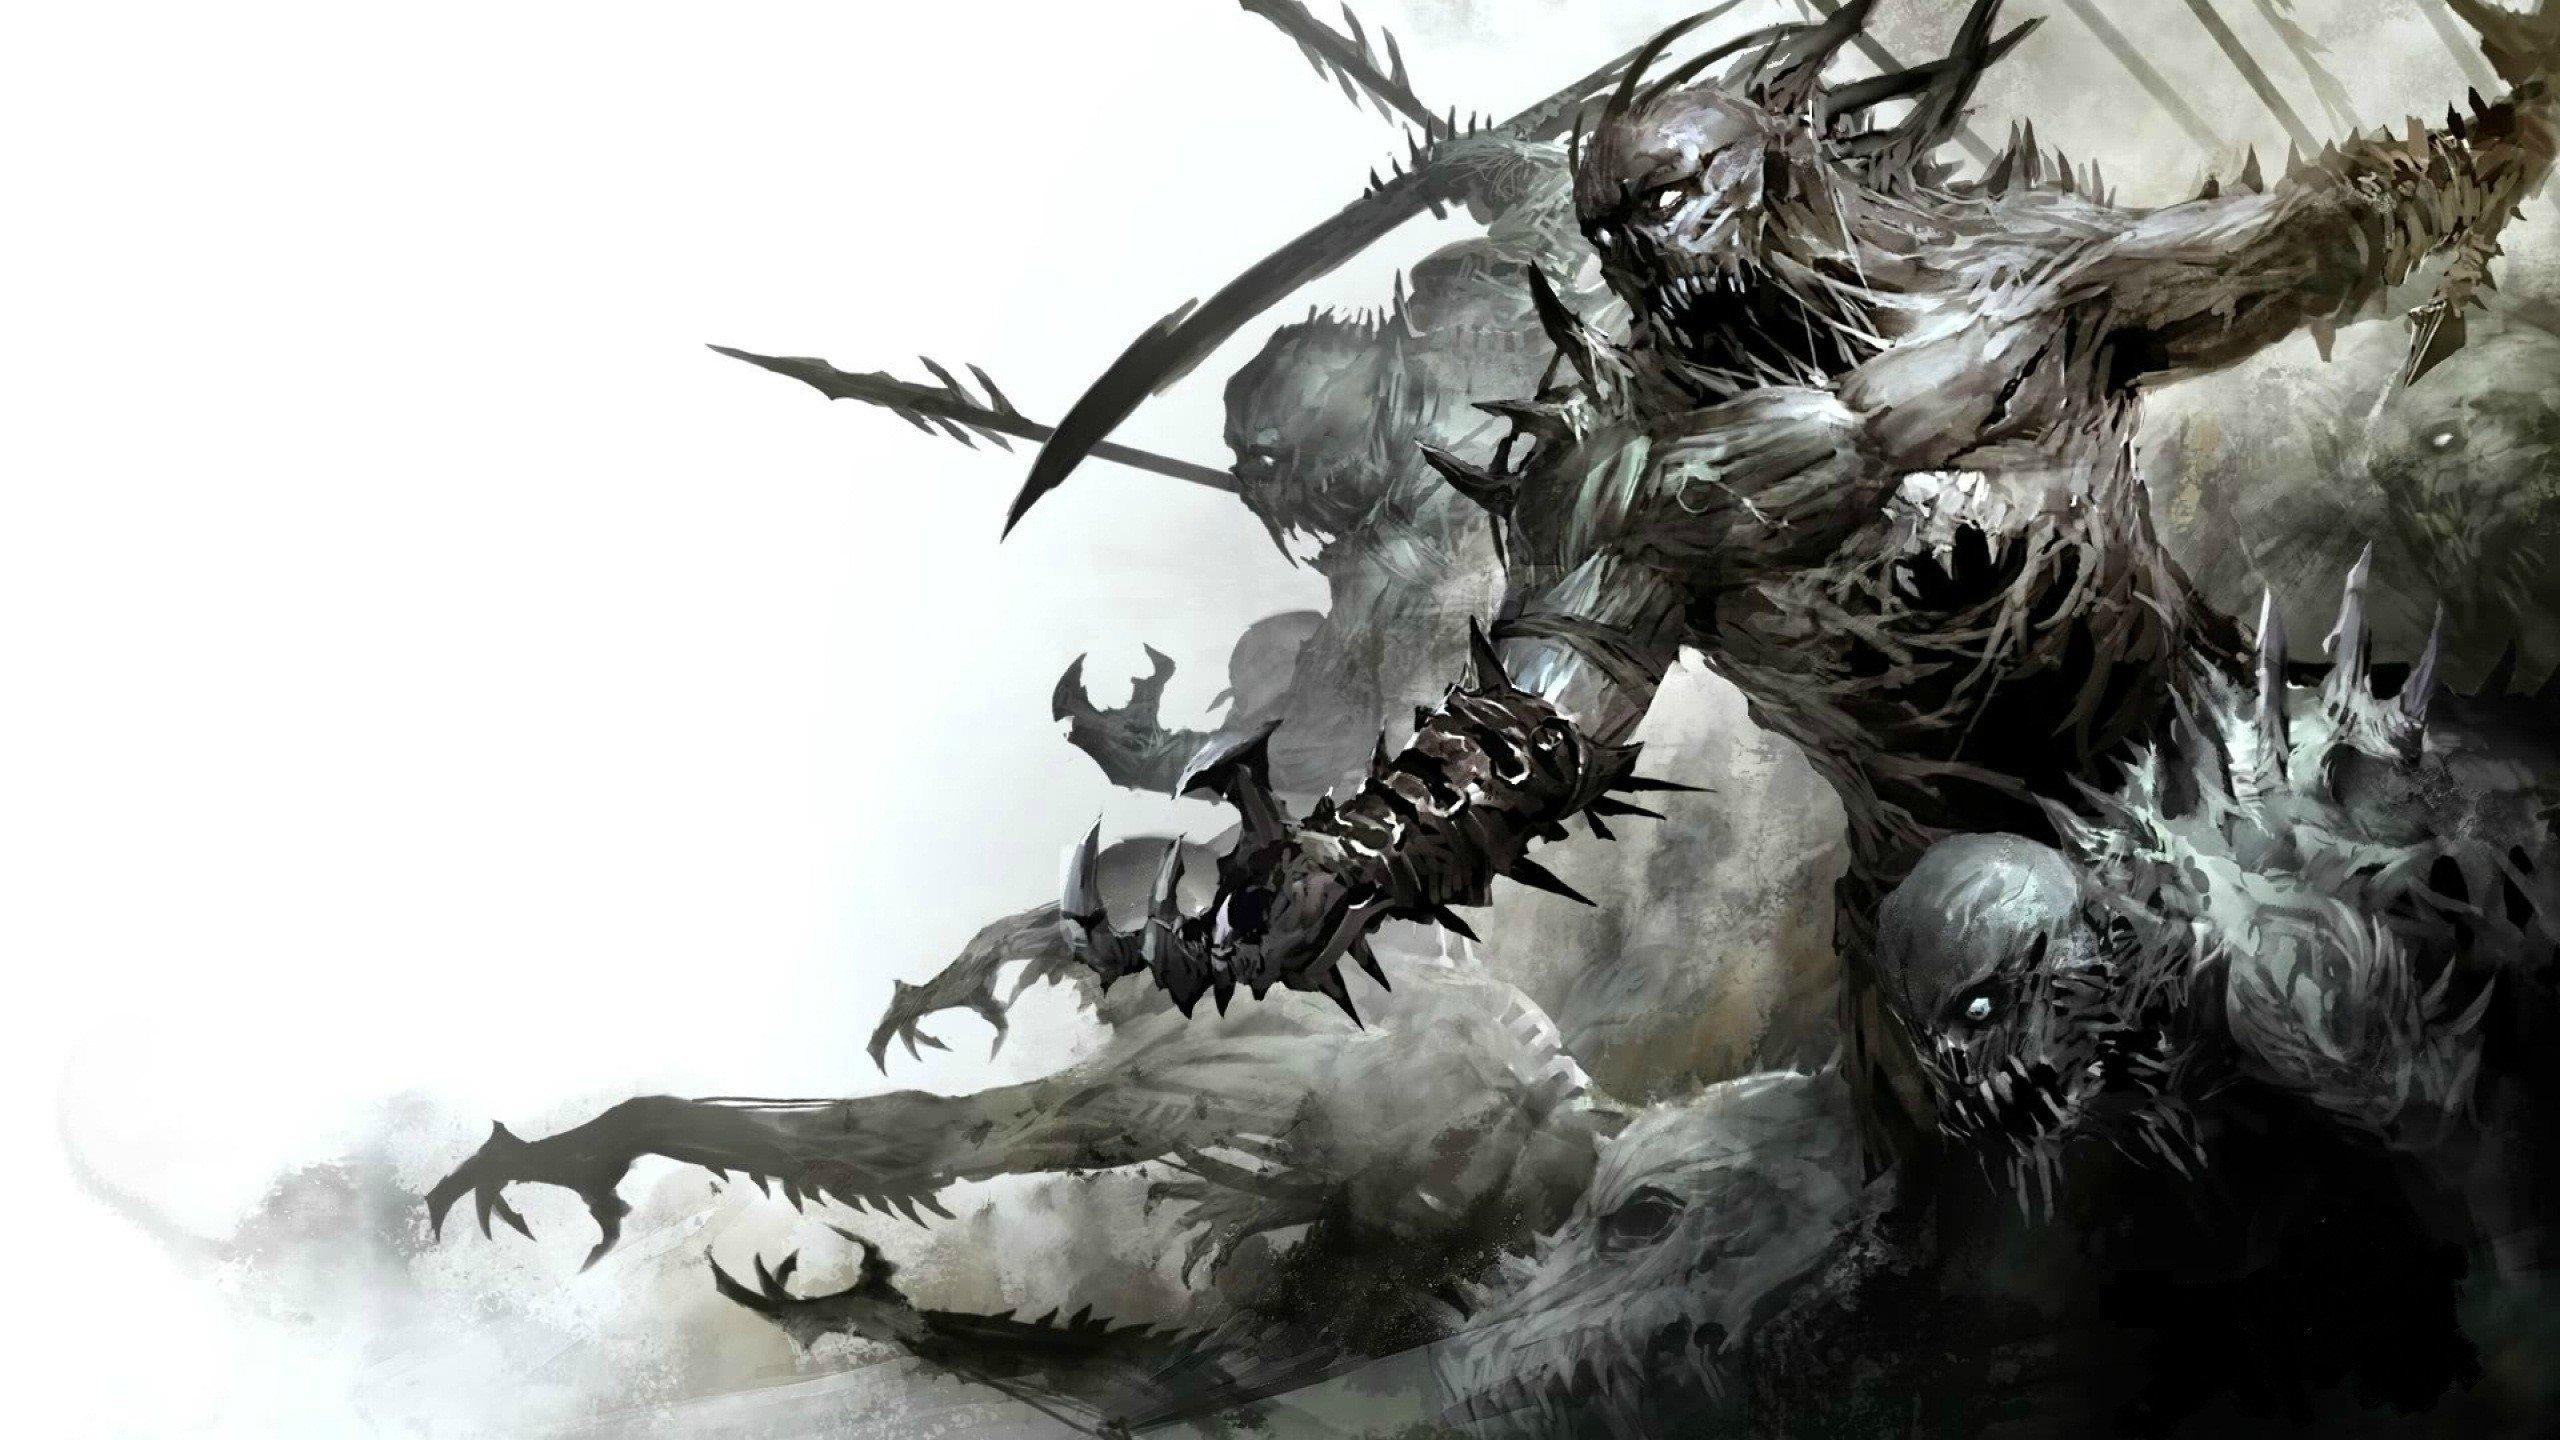 Guild Wars 2 Wallpapers 2560x1440 Desktop Backgrounds